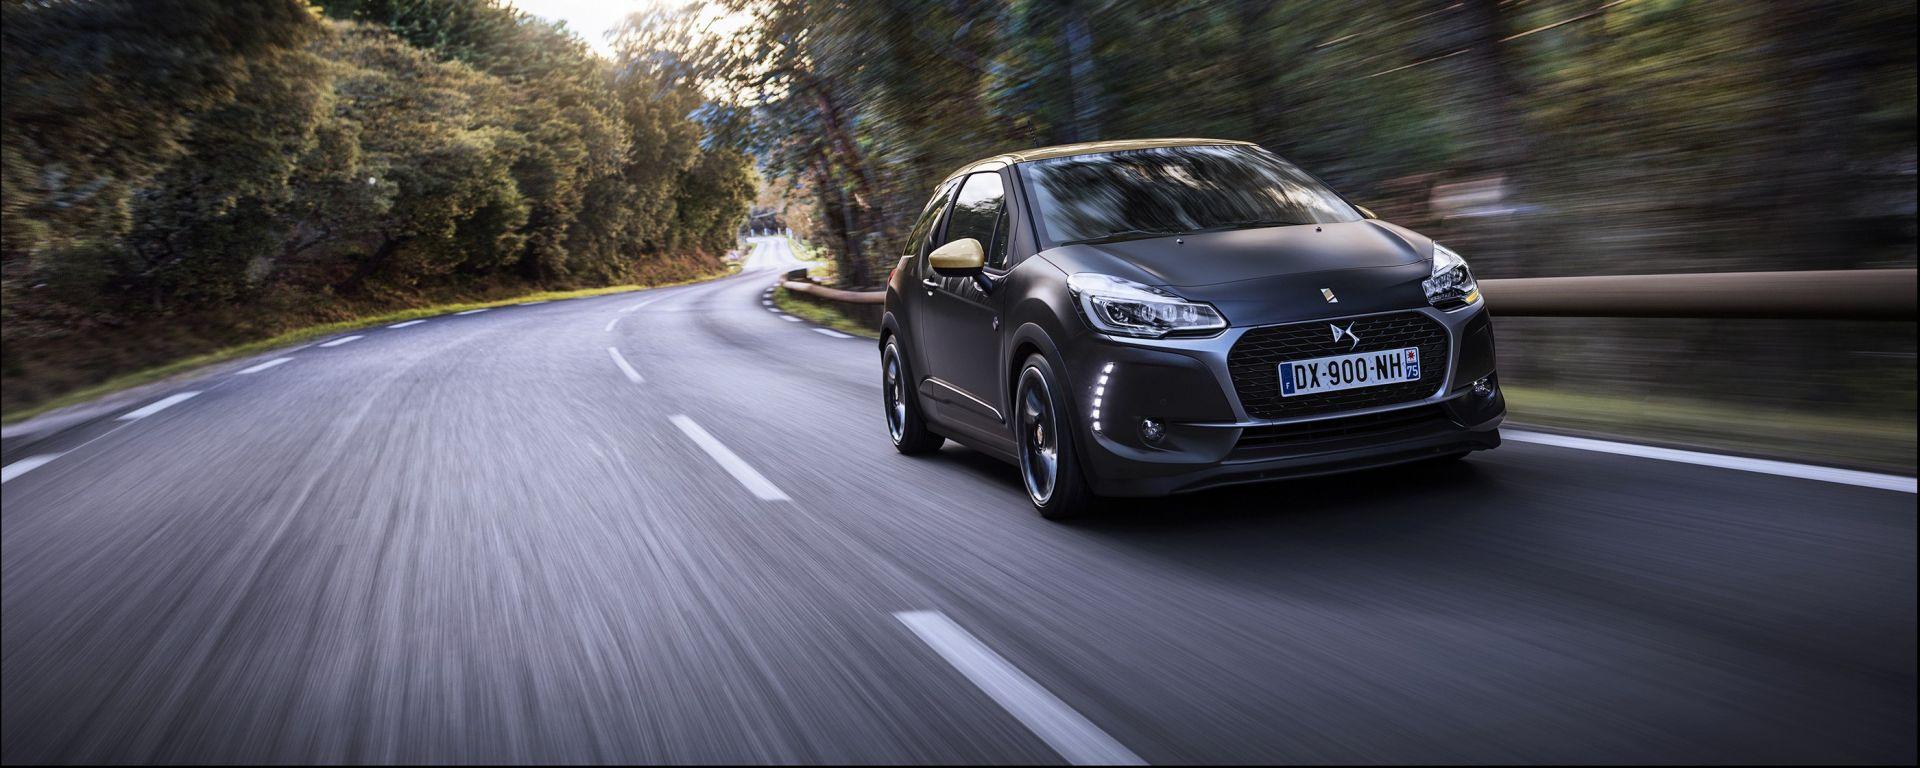 DS 3 Performance: la piccola francese ora monta il 1.6 thp da 208 cv e 300 Nm di coppia